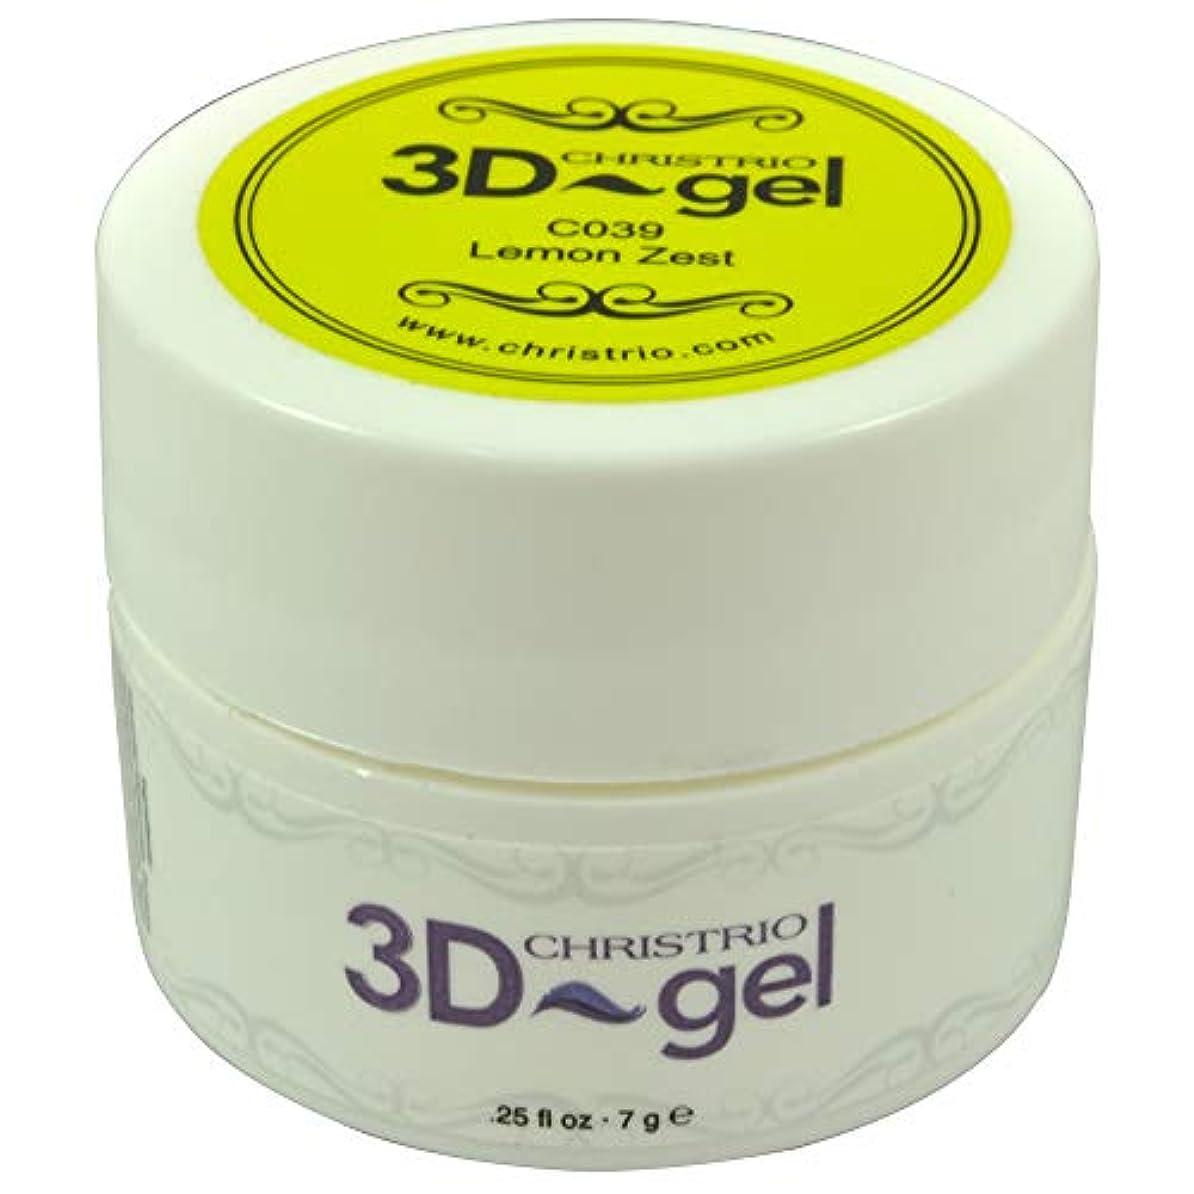 接続ギャップズボンCHRISTRIO 3Dジェル 7g C039 レモンゼスト